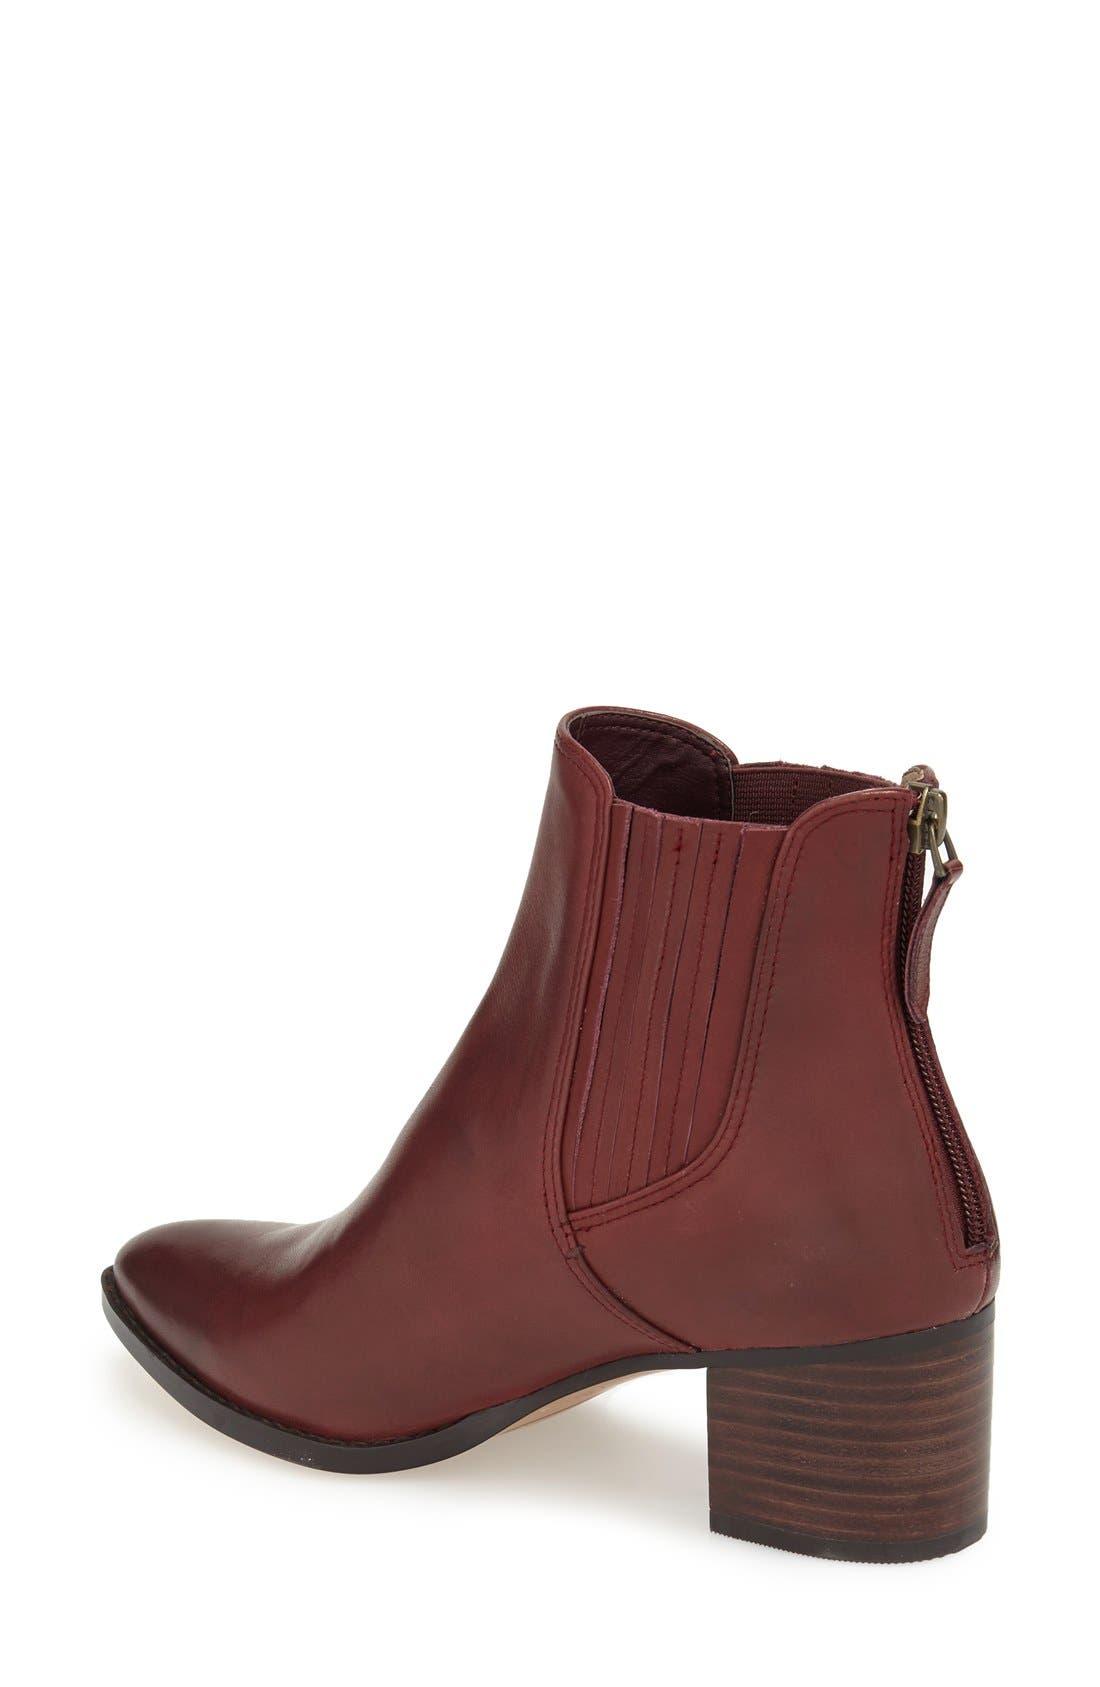 Alternate Image 2  - Halogen® 'Bailey' Pointy Toe Block Heel Bootie (Women)